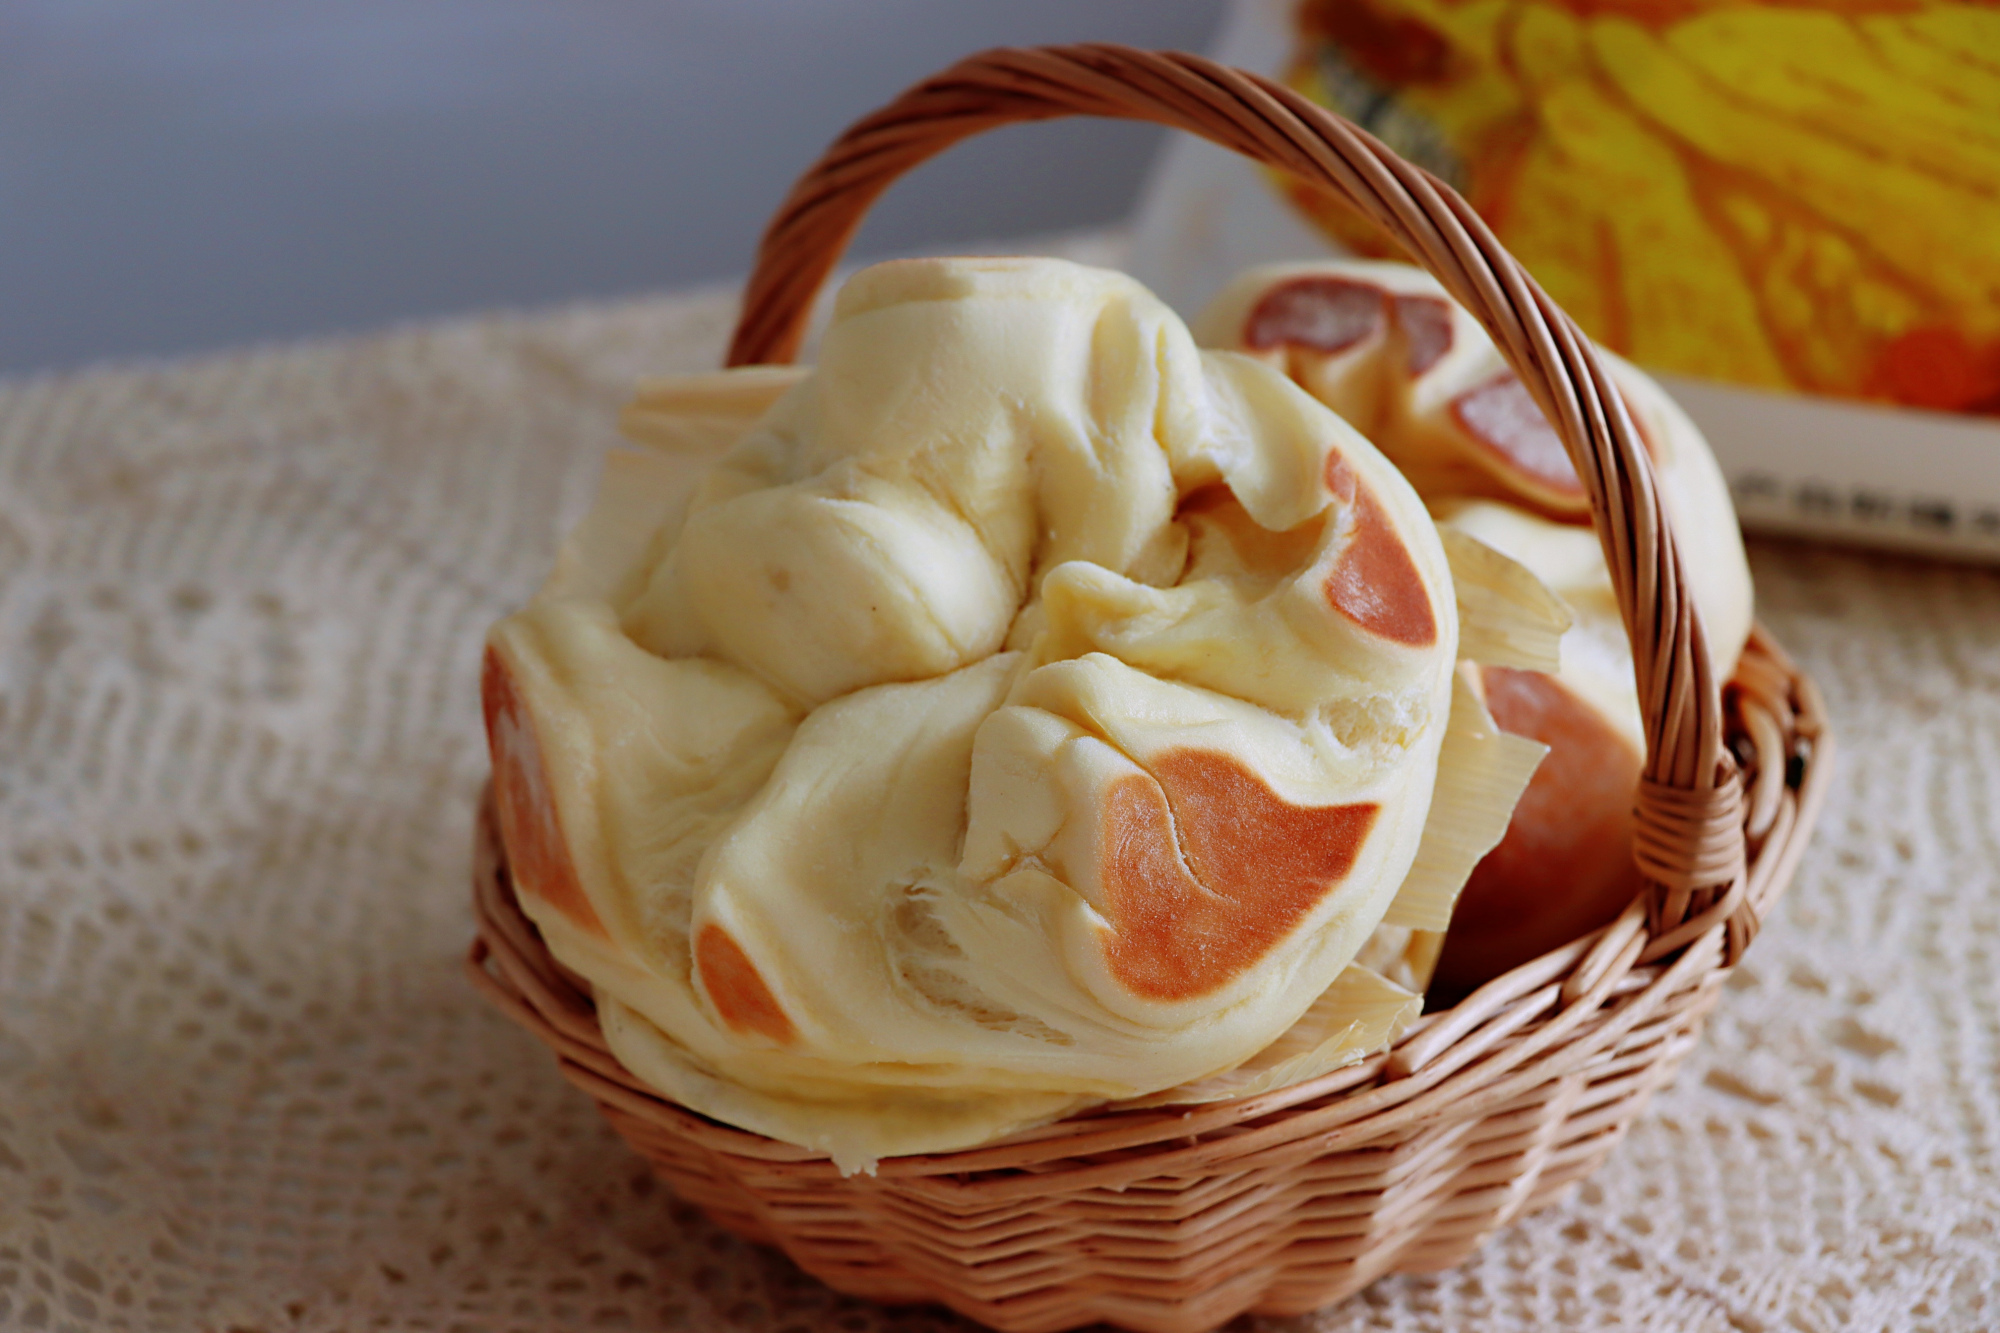 1碗面粉1个鸡蛋,网上很火的做法,易操作,松软香甜比面包好吃 美食做法 第15张